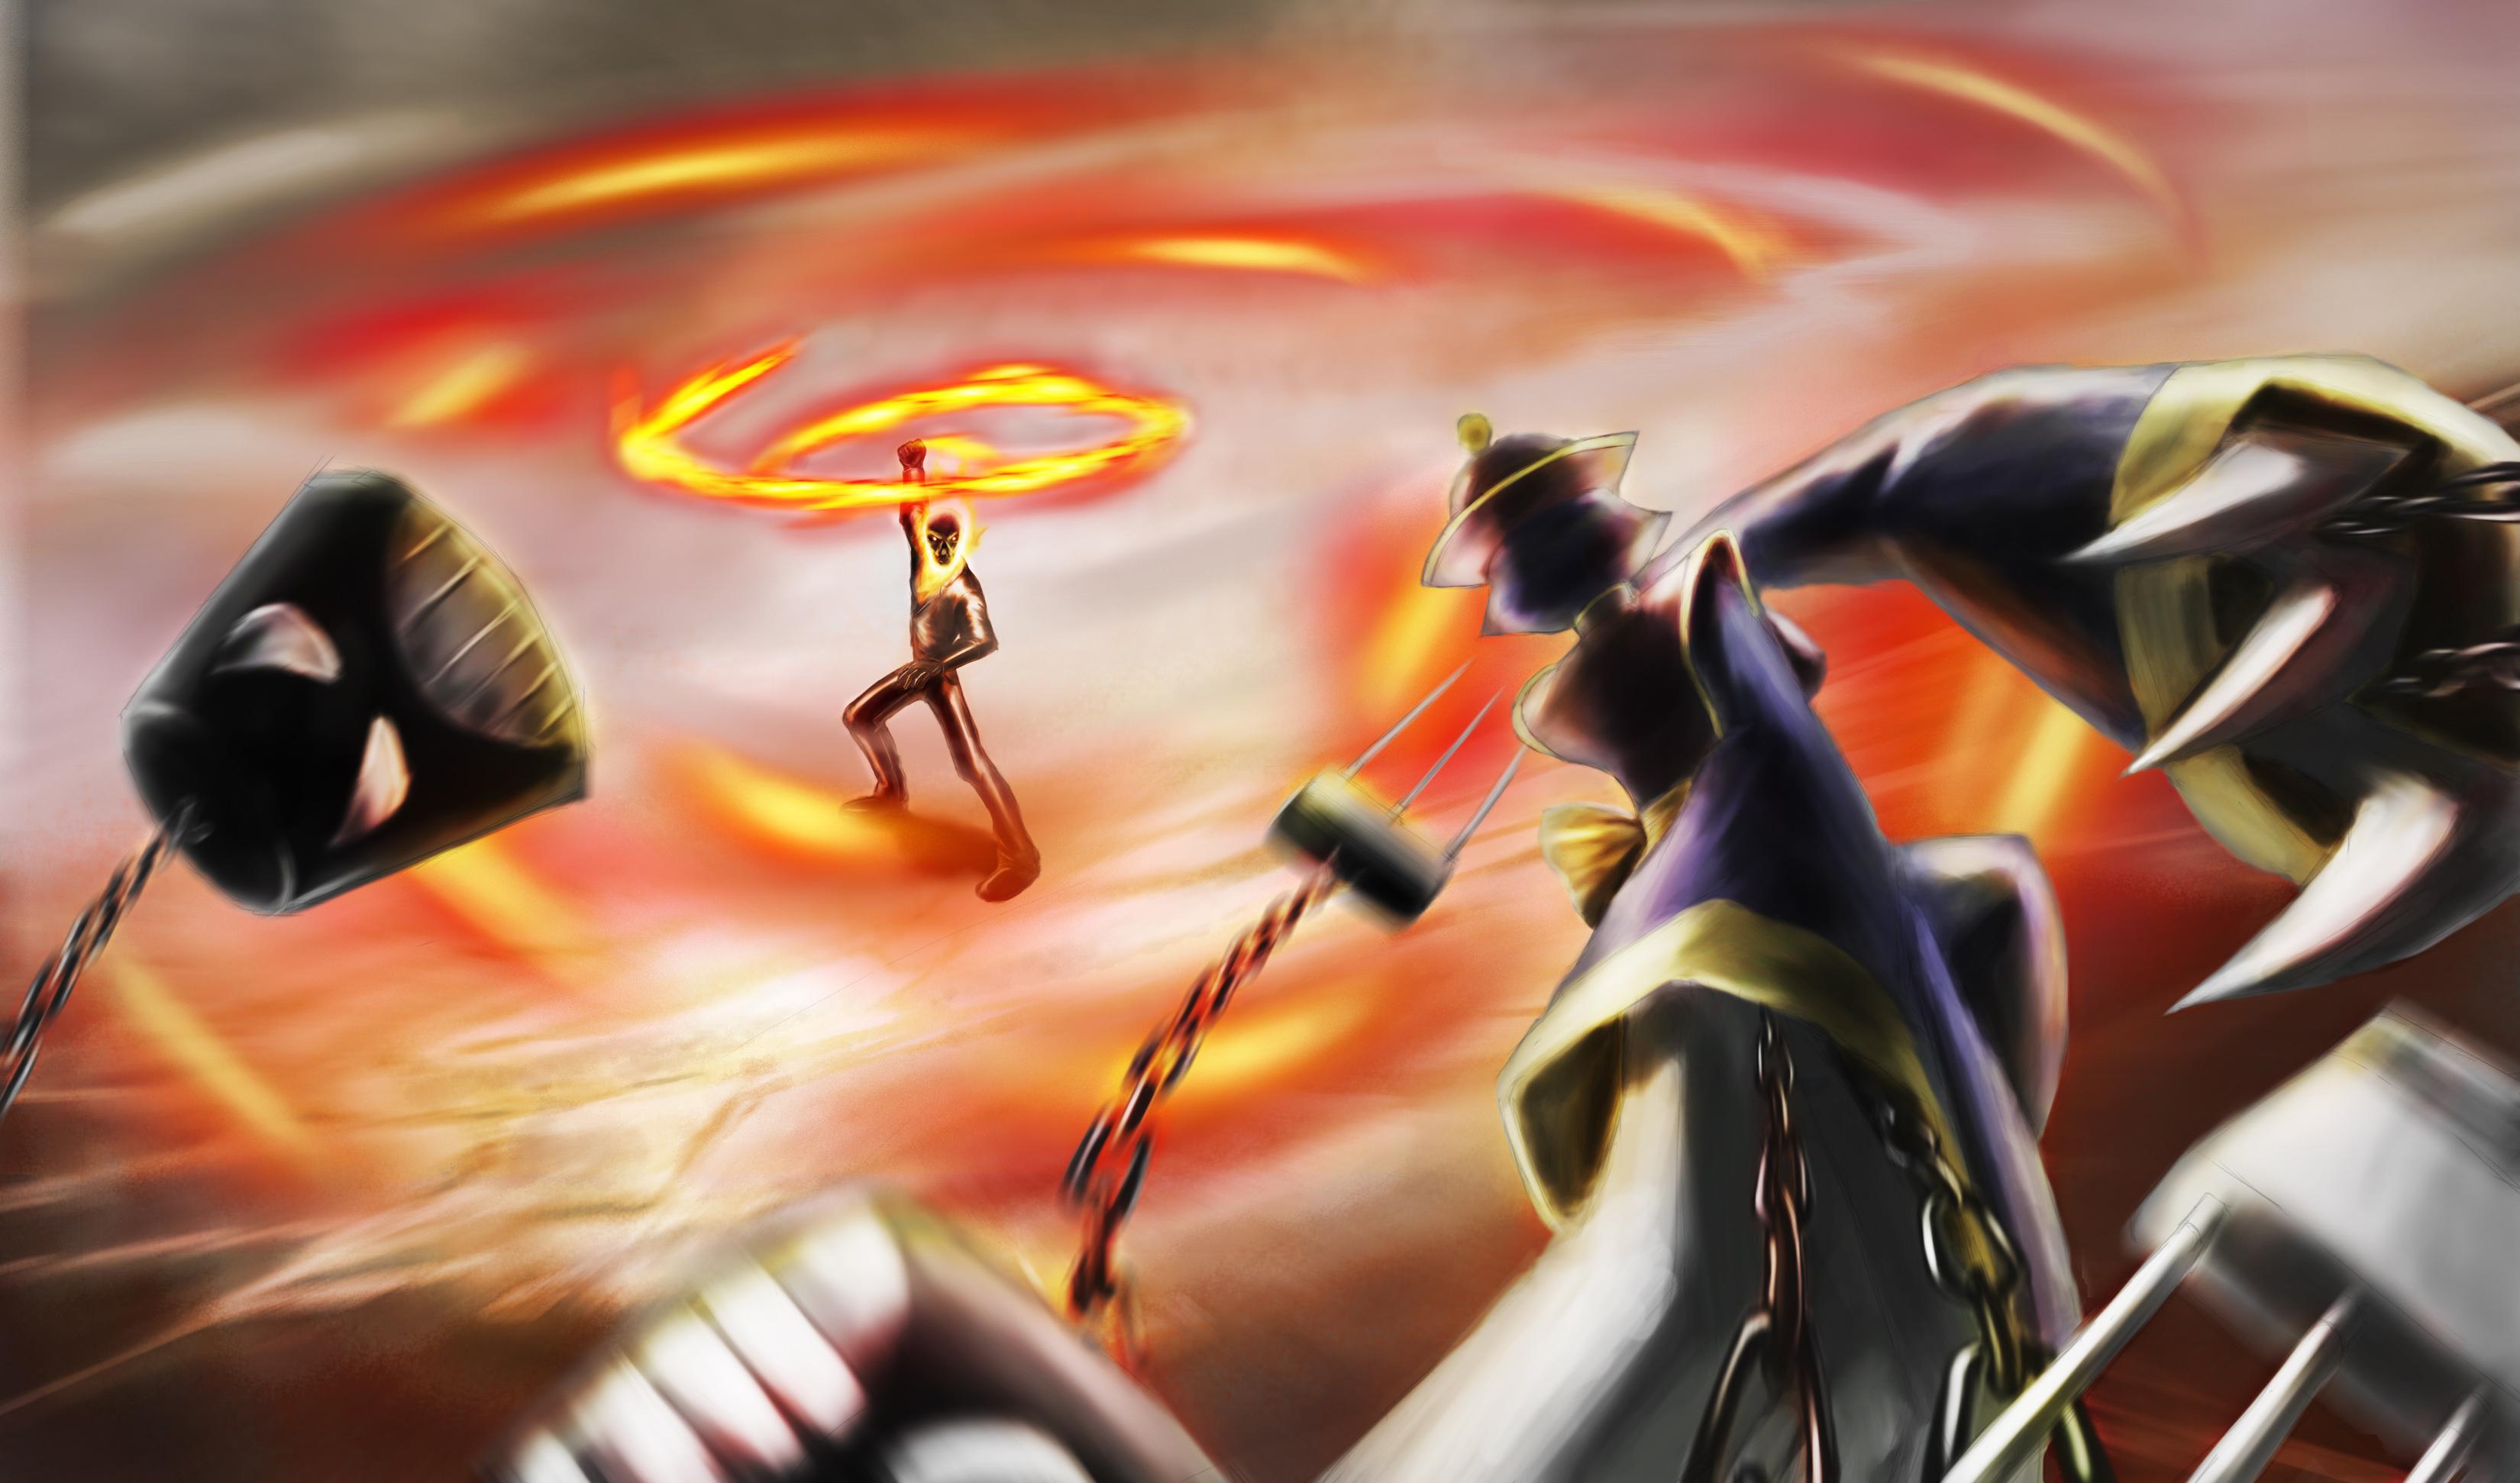 taokaka vs ghost rider - photo #23